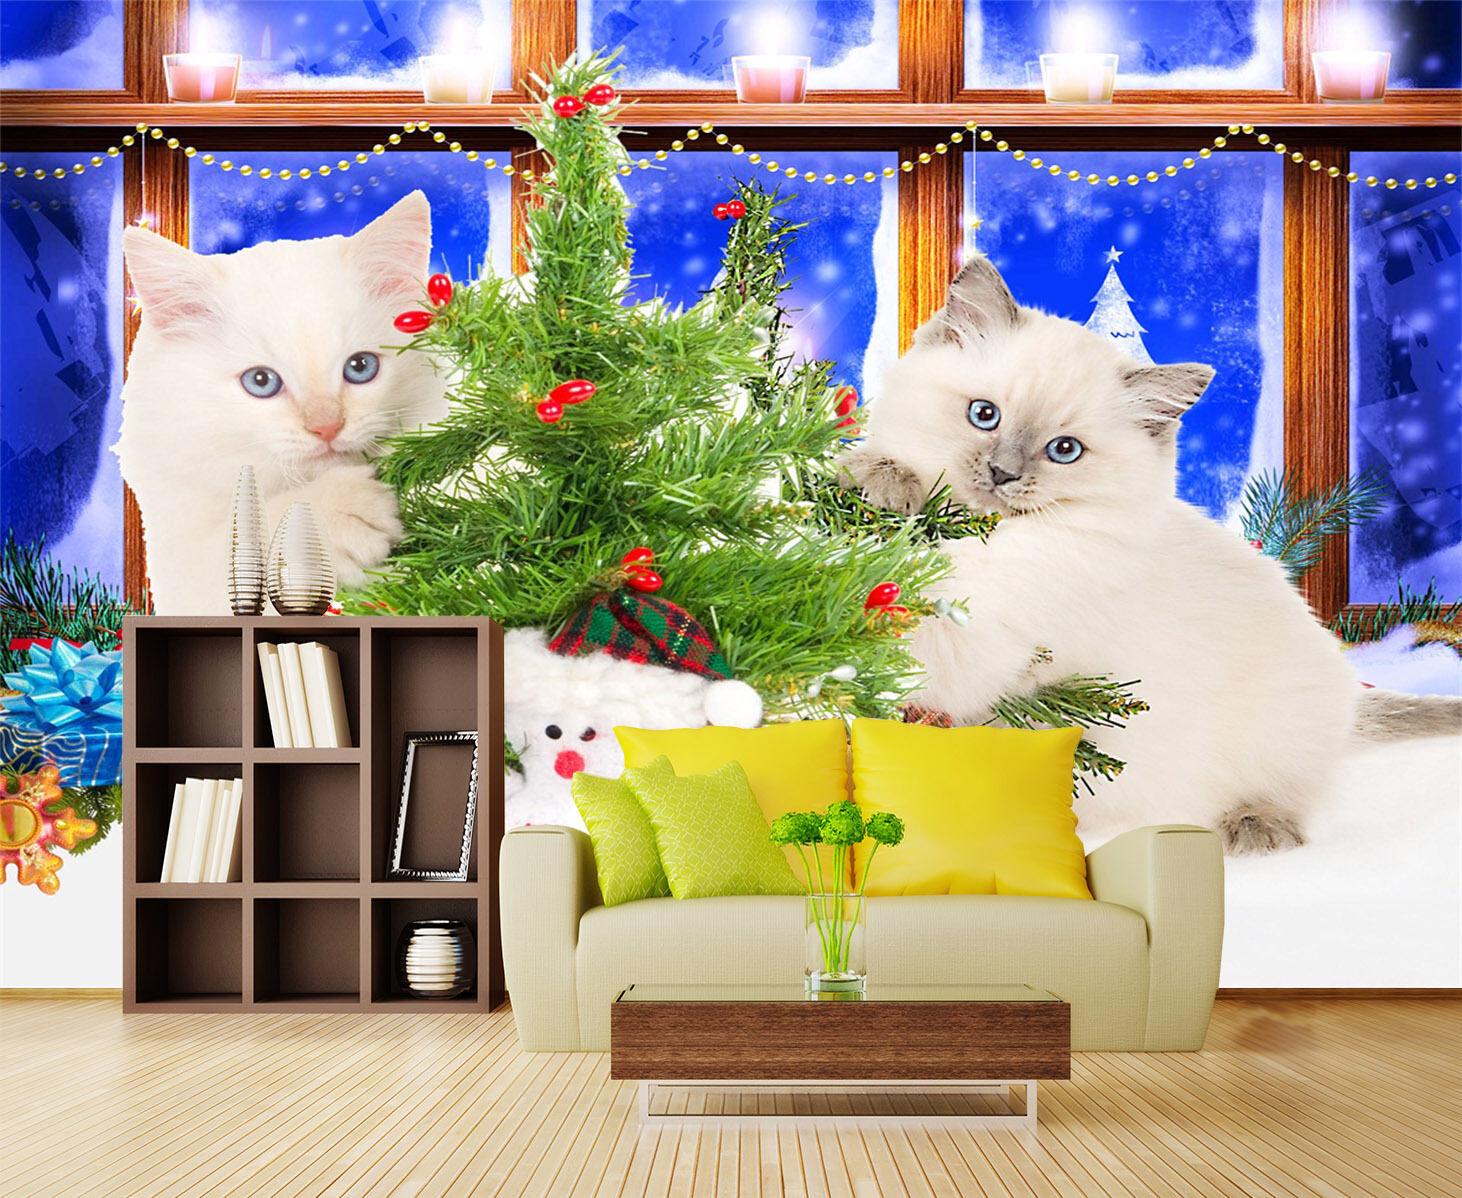 3D Weiß Cat Christmas Tree 344 Wall Paper Wall Print Decal Wall AJ WALLPAPER CA